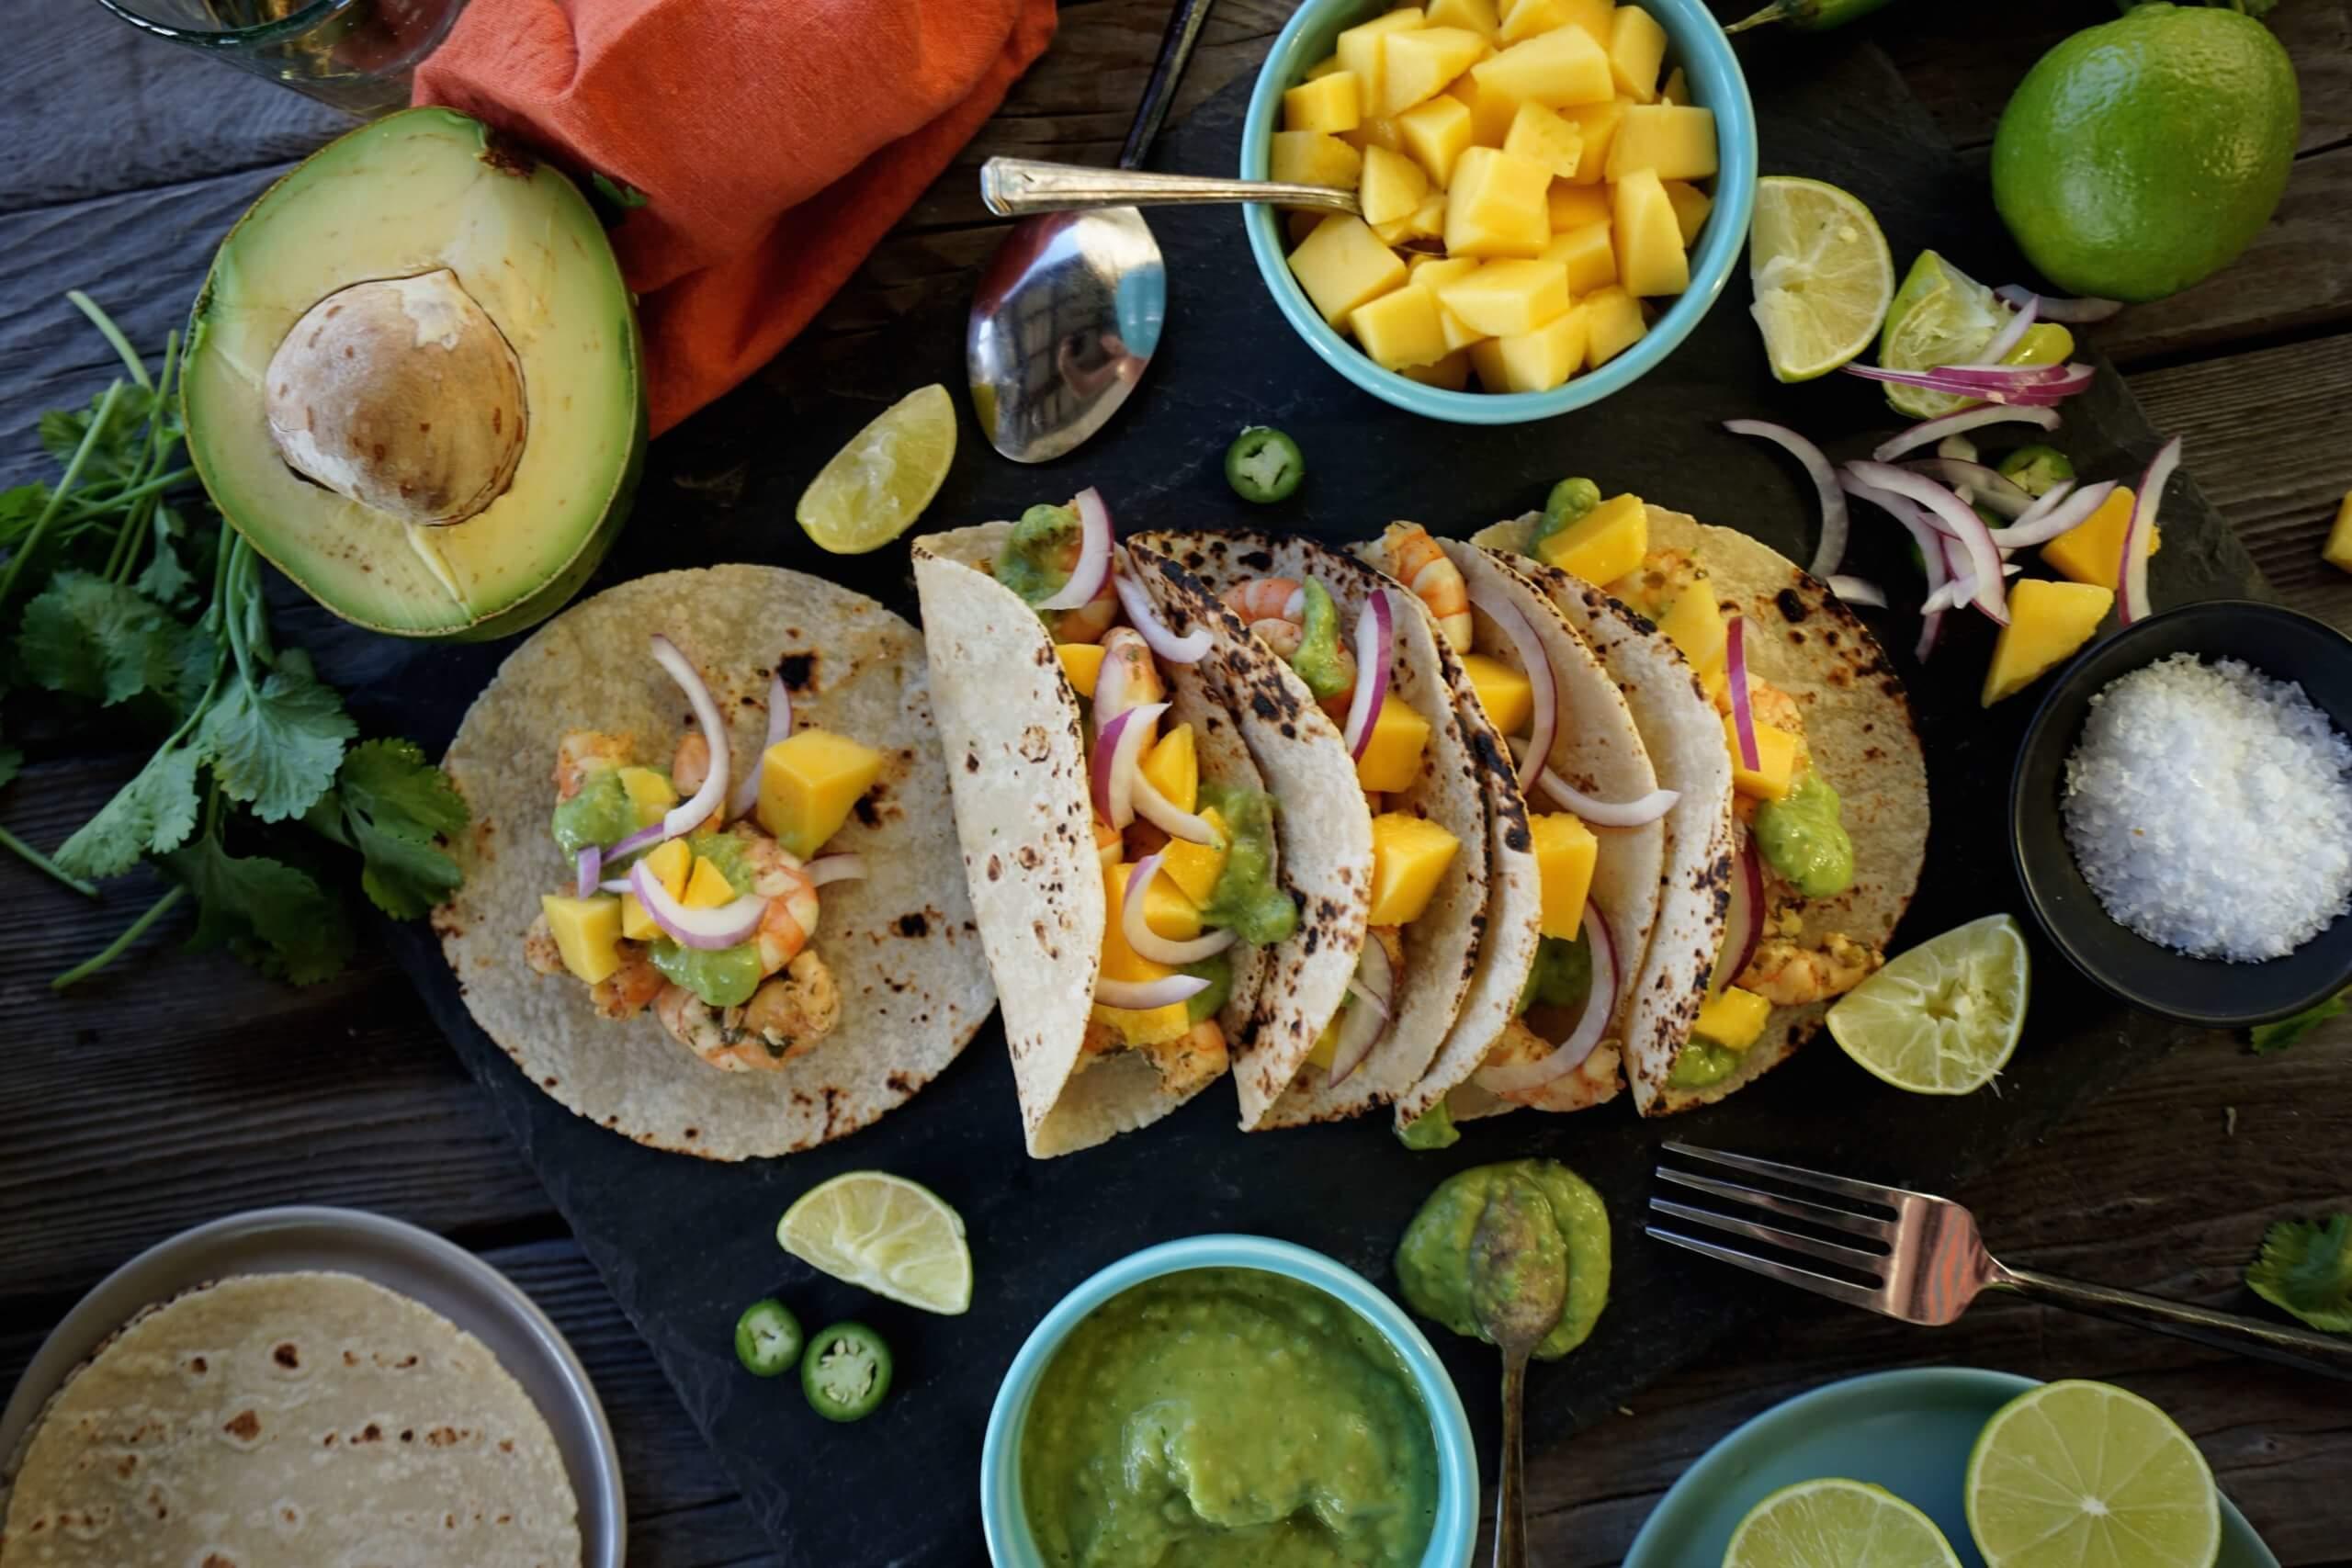 Shrimp Tacos with Tropical Avocado Salsa Verde